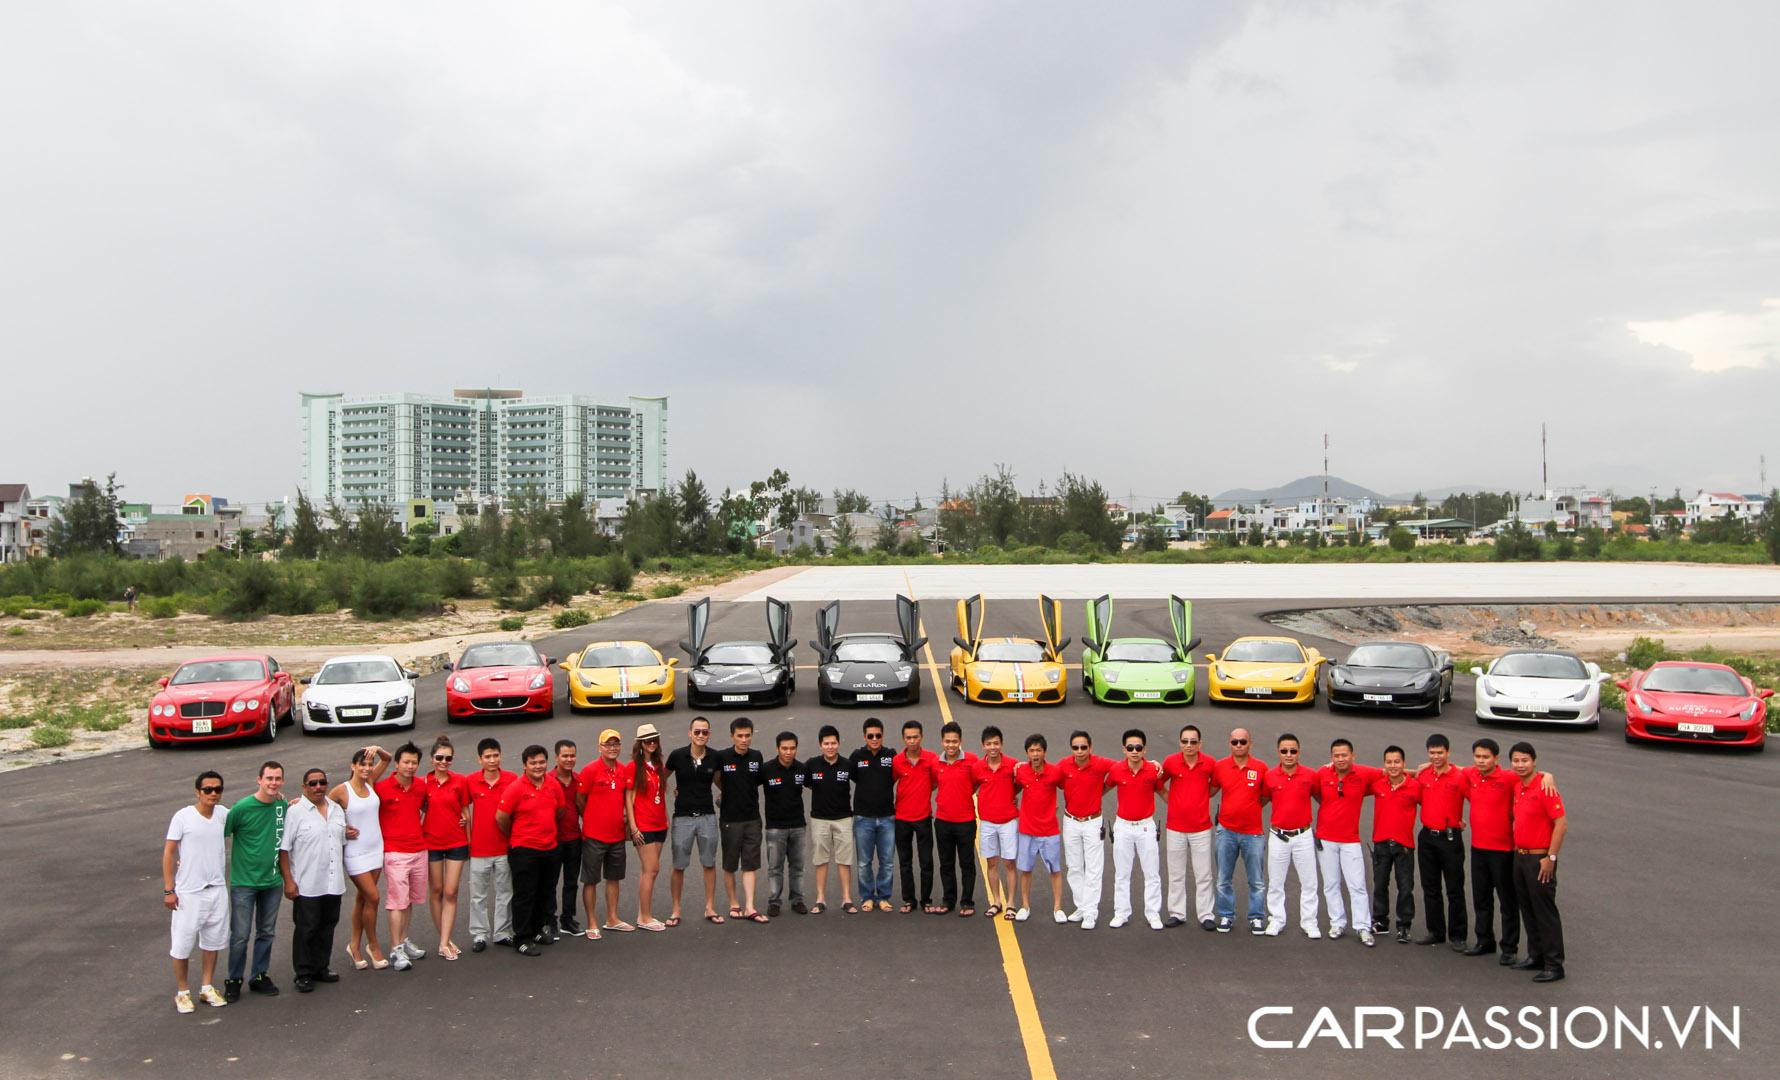 CP-Hành trình siêu xe CarPassion 2011 Day 5 (22).jpg